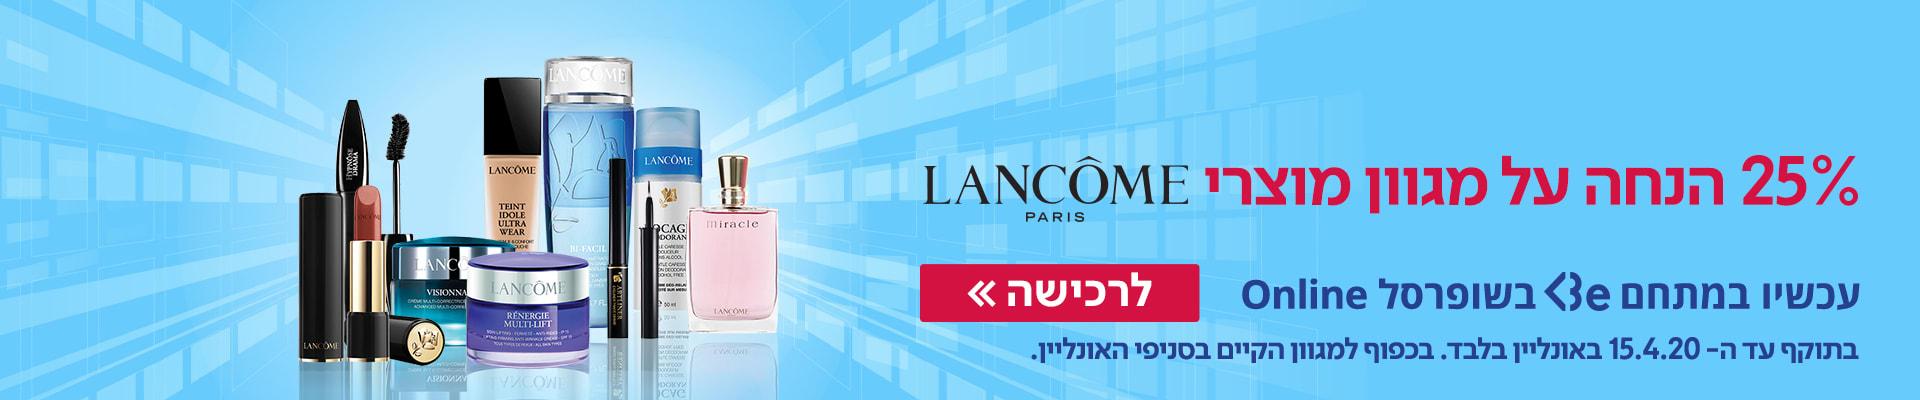 25% הנחה על מוצרי LANCOME עכשיו במתחם BE בשופרסל ONLINE